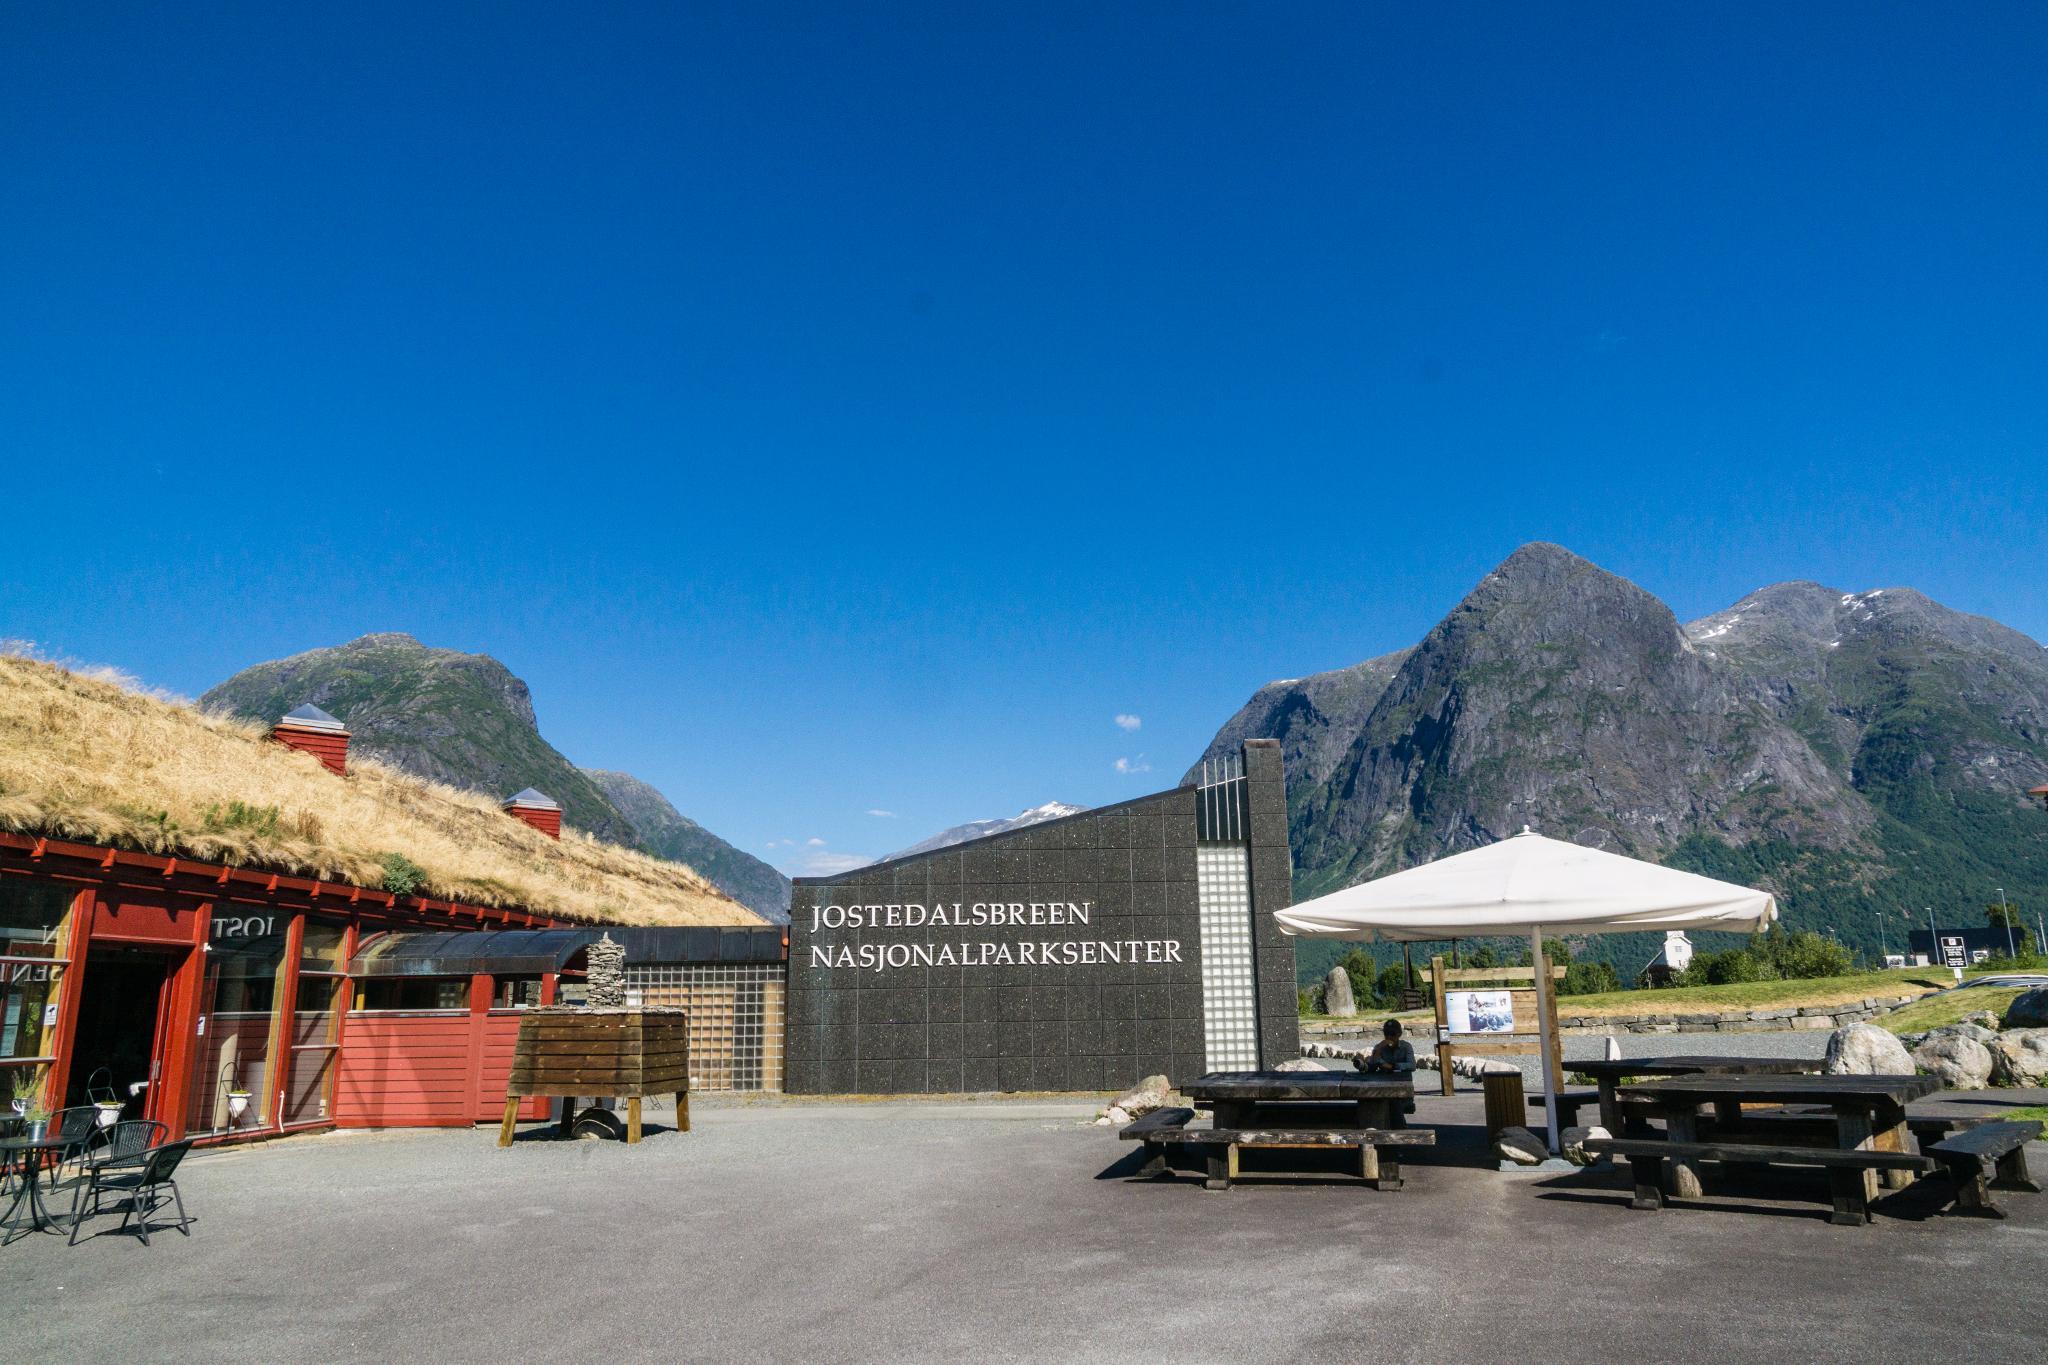 【北歐景點】朝聖歐洲大陸最大的冰河 - 挪威約詩達特冰河國家公園 (Jostedalsbreen National Park) 4